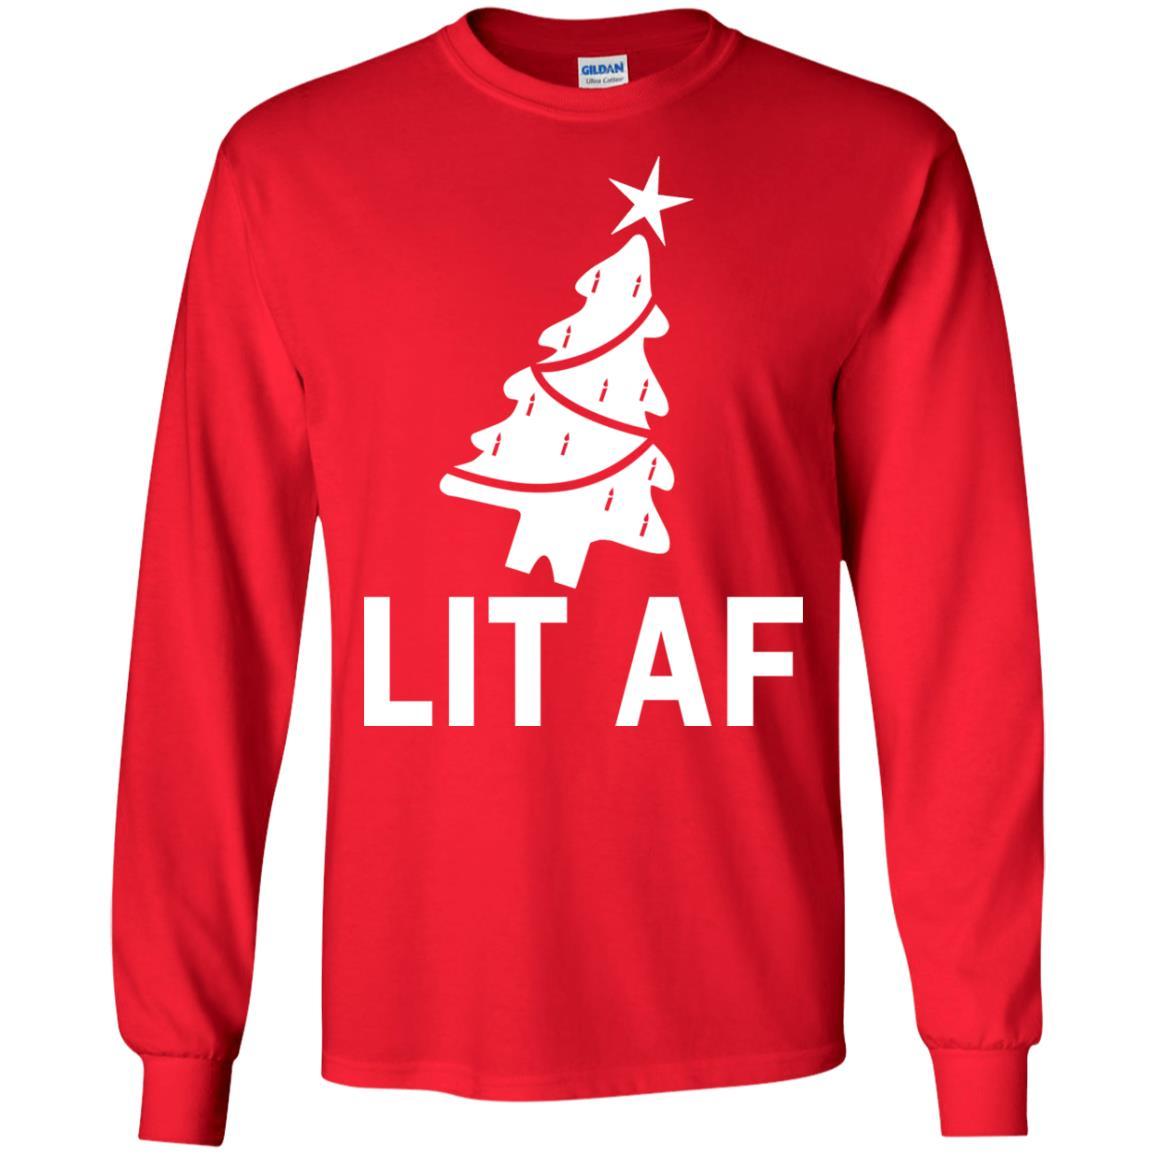 image 2361 - LIT AF Christmas Ugly Sweatshirt, Long Sleeve